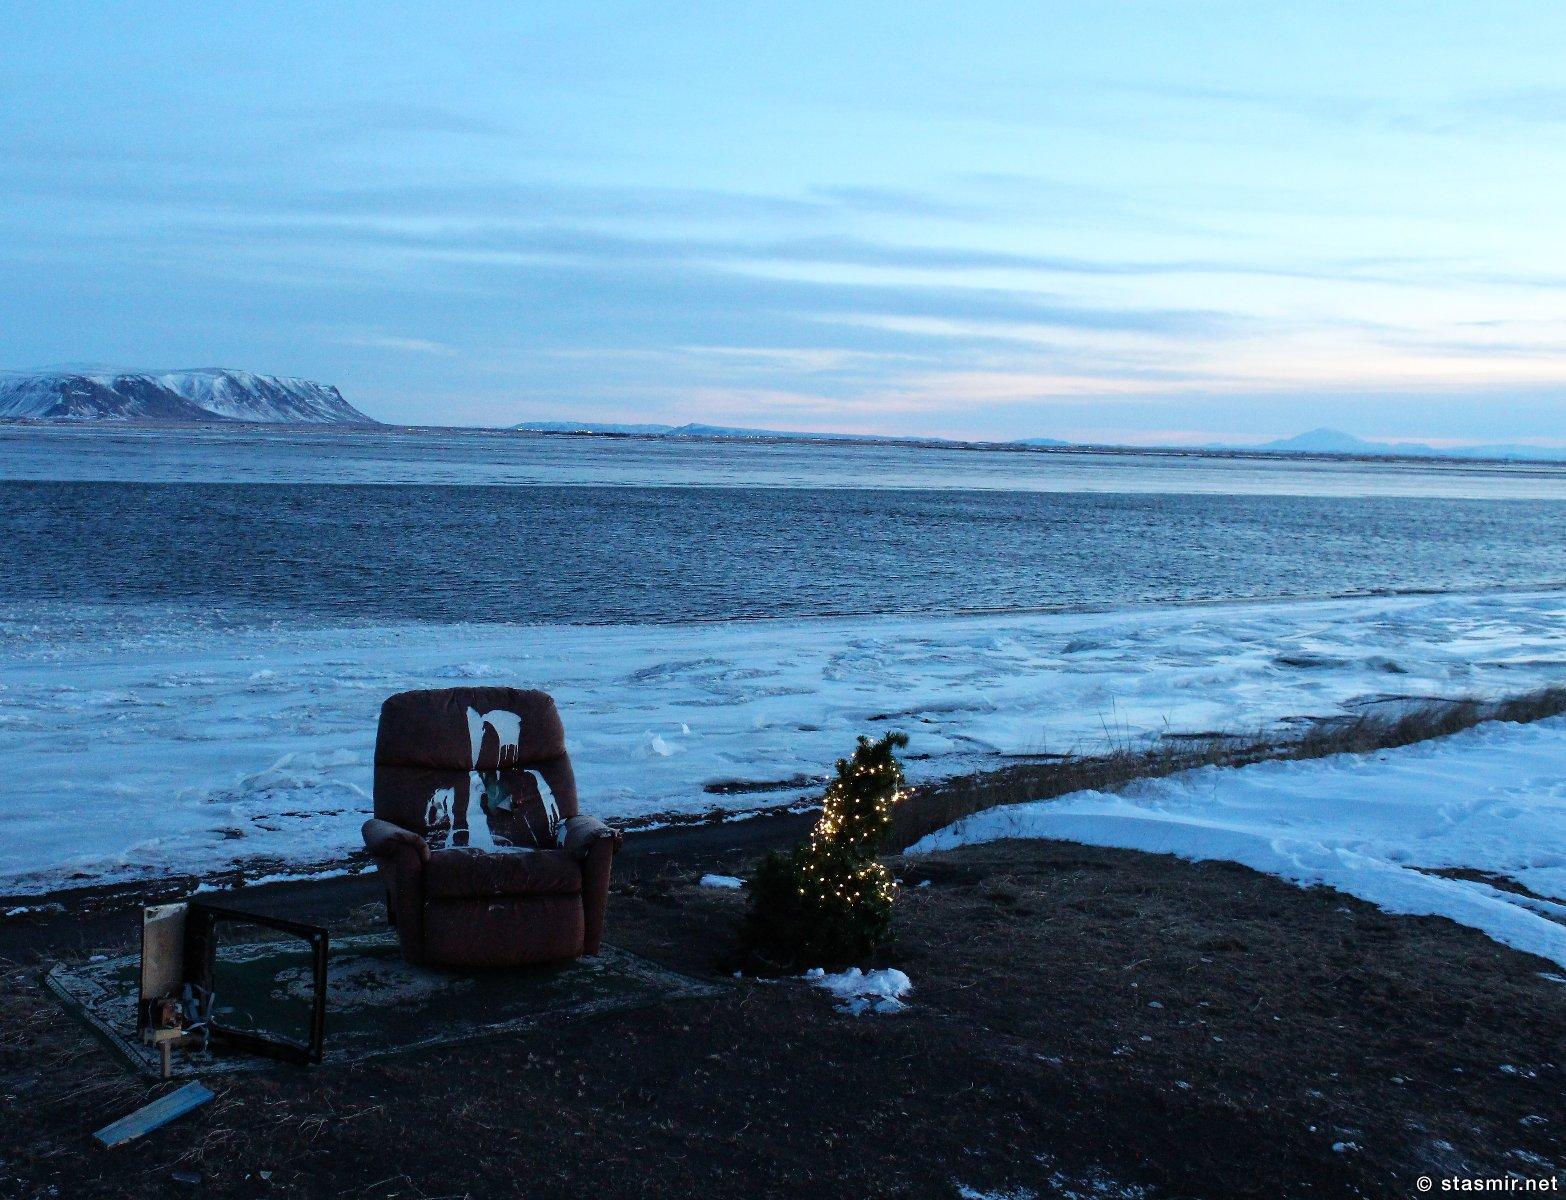 красное кресло и рождественская елка в исландии